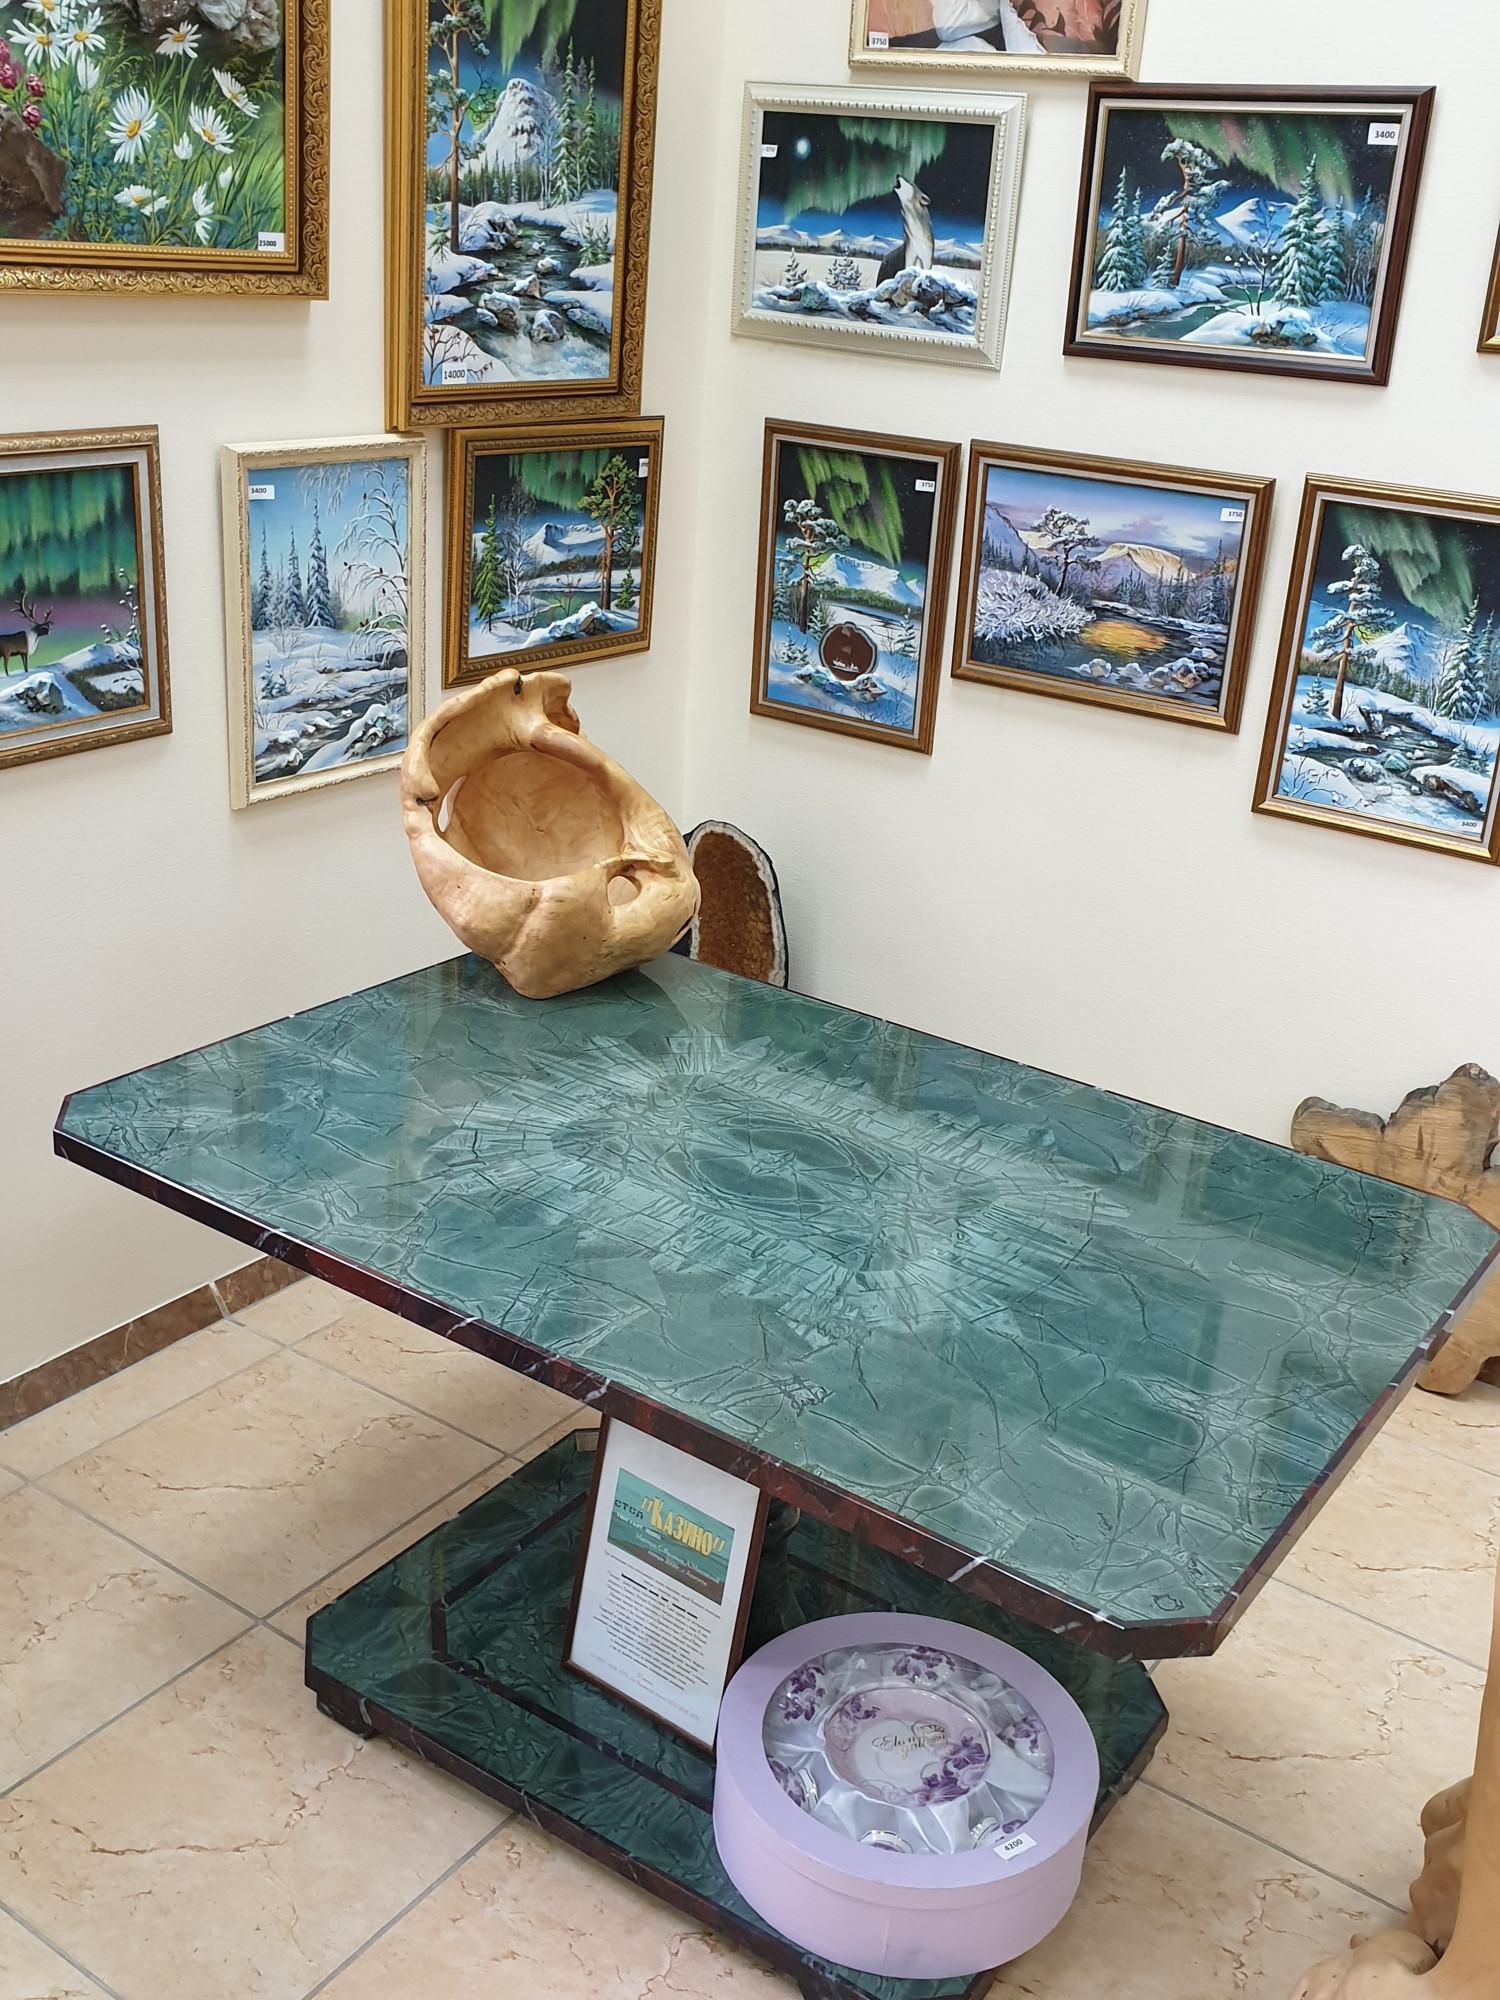 Съездила в Апатиты, в сувенирный магазин. Вот и тингуаит в полированном виде. Столик такой, по слухам, стоит порядка миллиона.